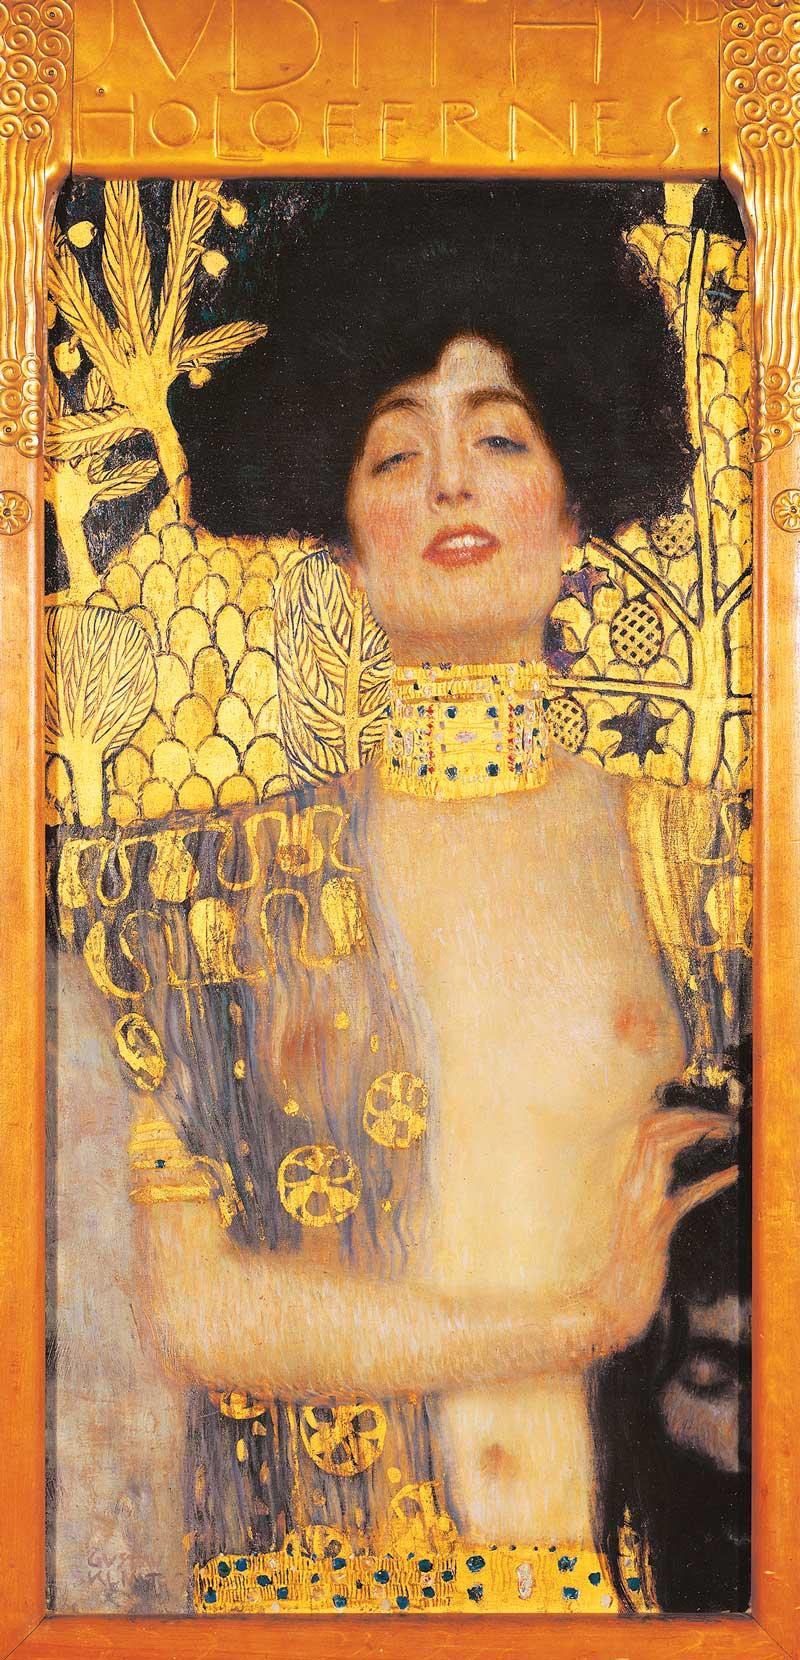 G. Klimt - Giuditta I, olio su tela, 1901, Oesterreichische Galerie im Belvedere, Vienna.